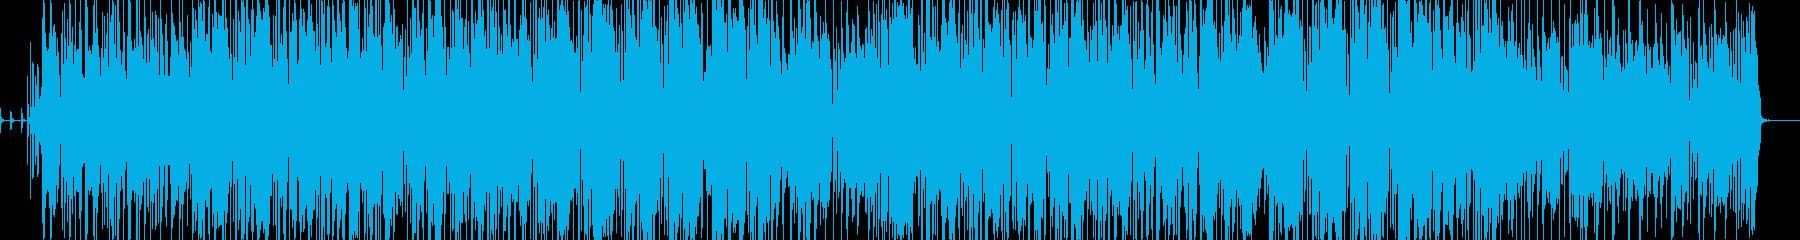 ワンルームミュージシャンの歌の再生済みの波形